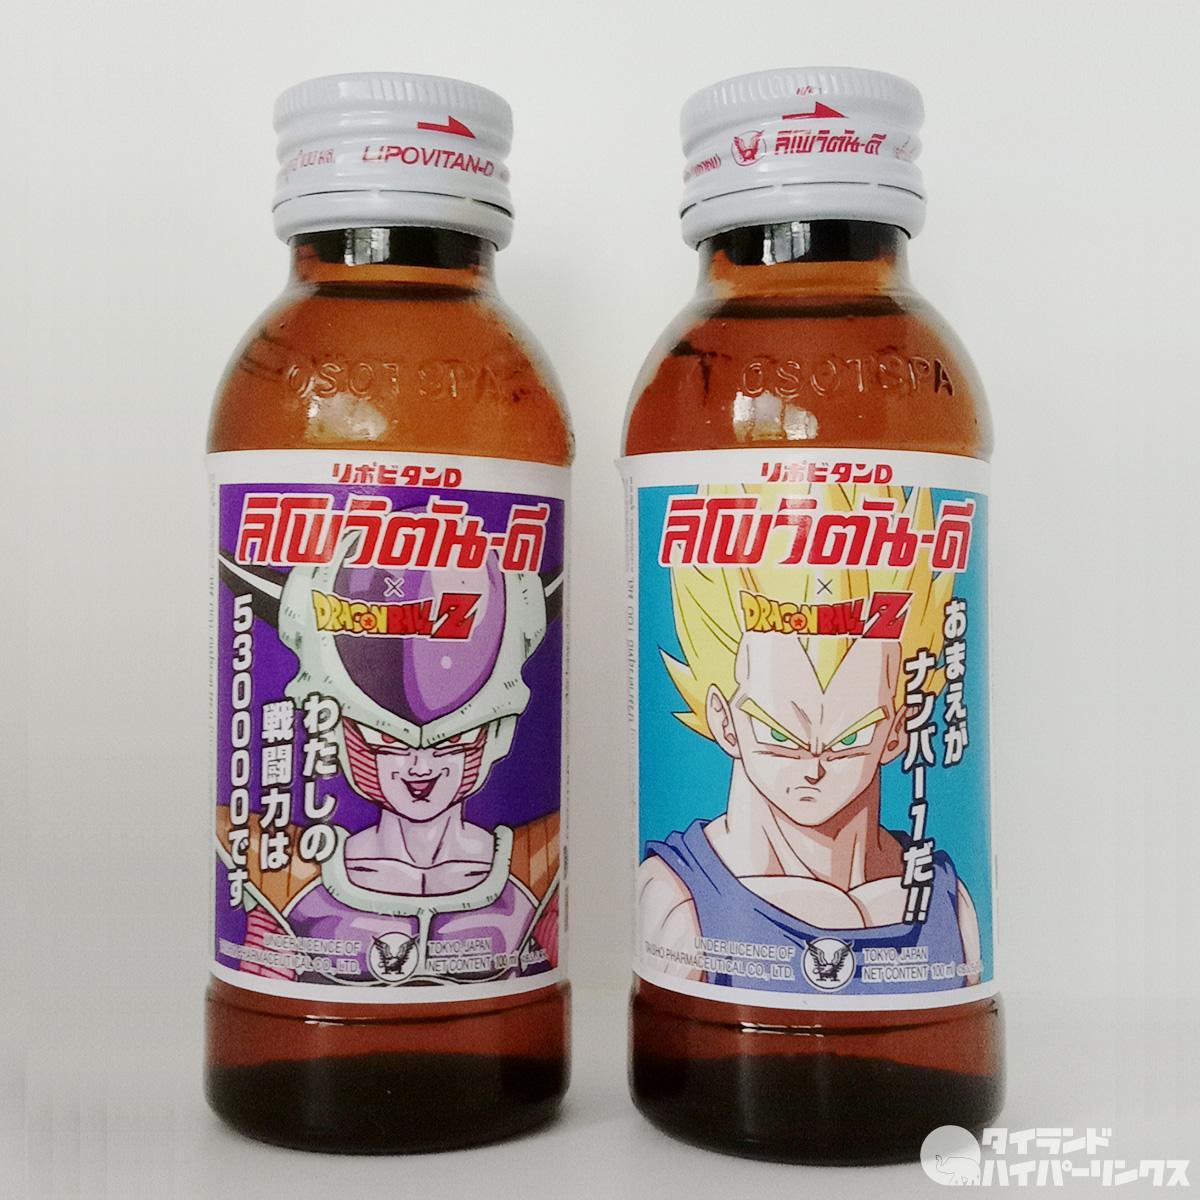 「リポビタンD×ドラゴンボールZ」限定デザインボトル in タイランド!